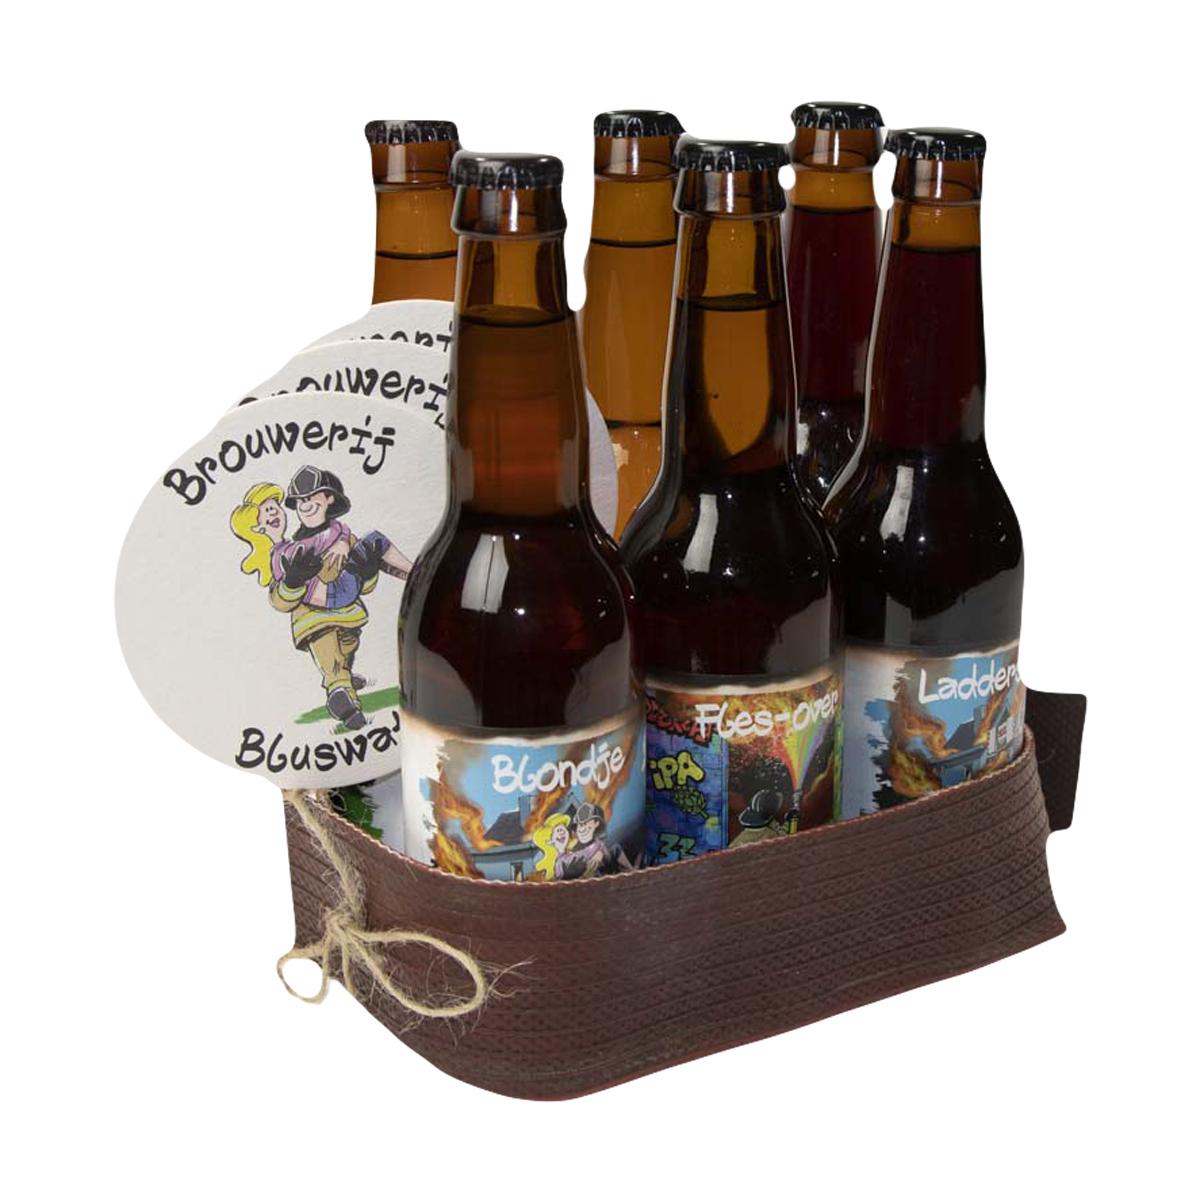 Bluswater-Bier-Pakket-6